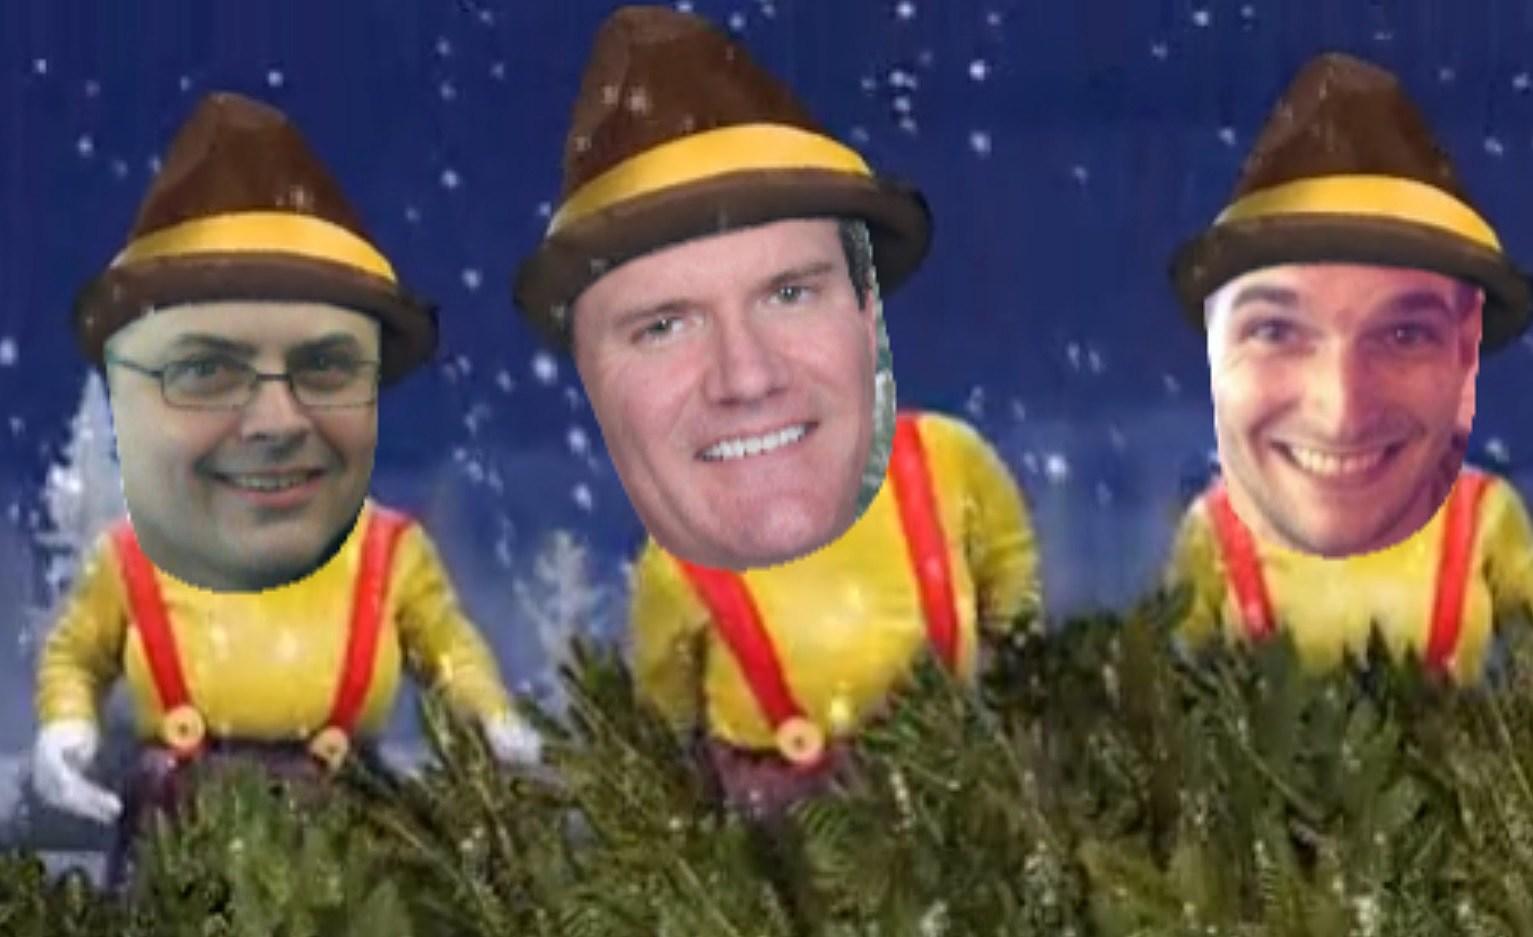 A very D&D Christmas